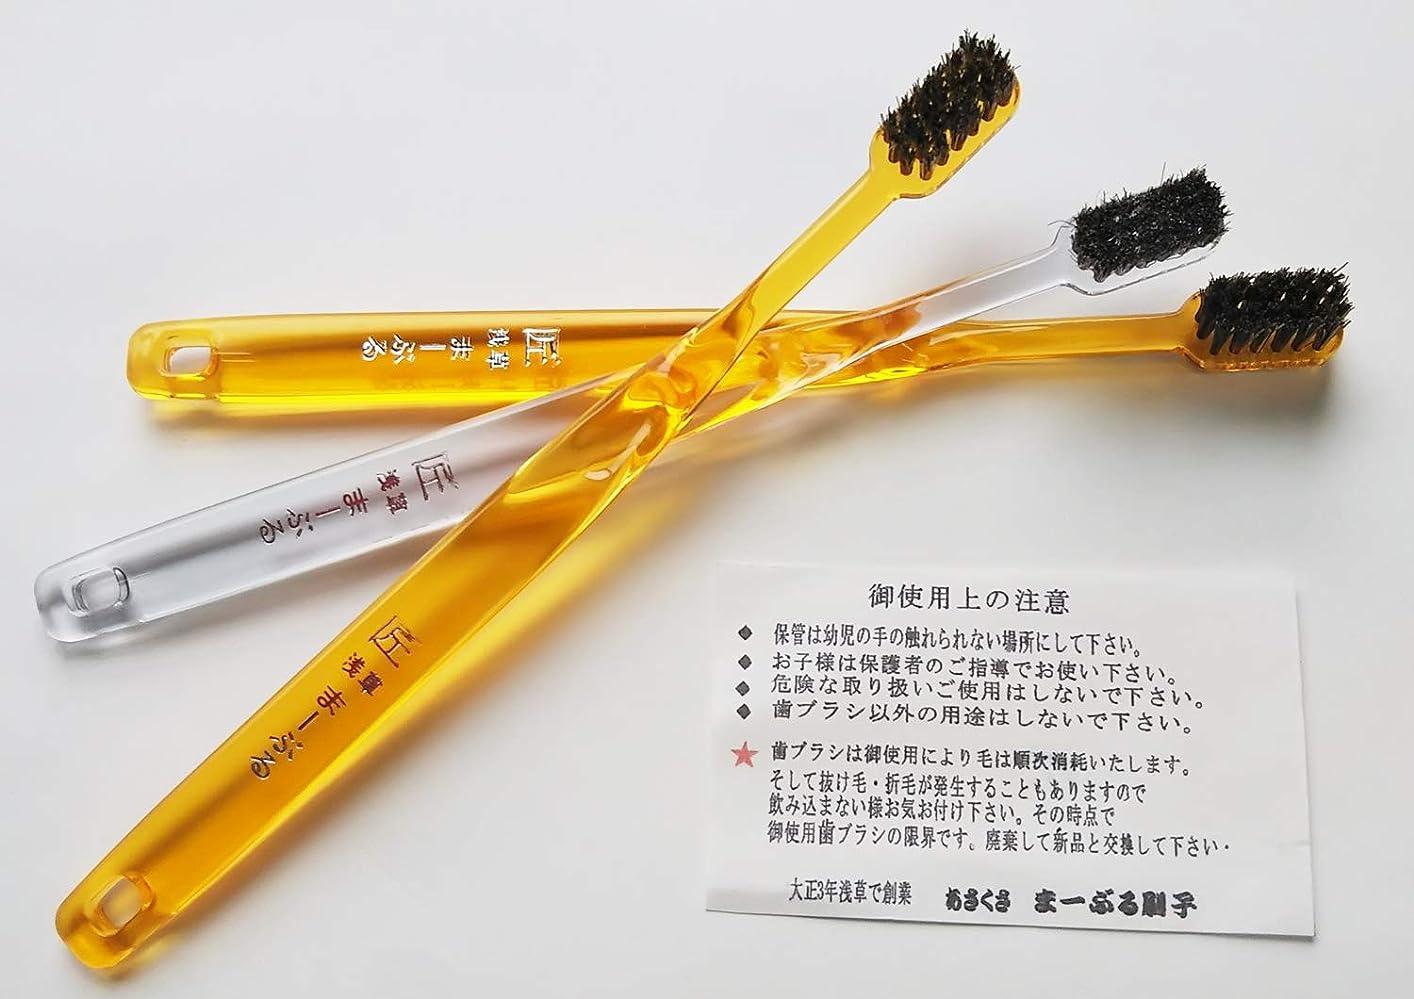 各役立つ絶滅した浅草まーぶる刷子 匠 馬毛歯ブラシ お試し3本セット (普通2?柔らか1)